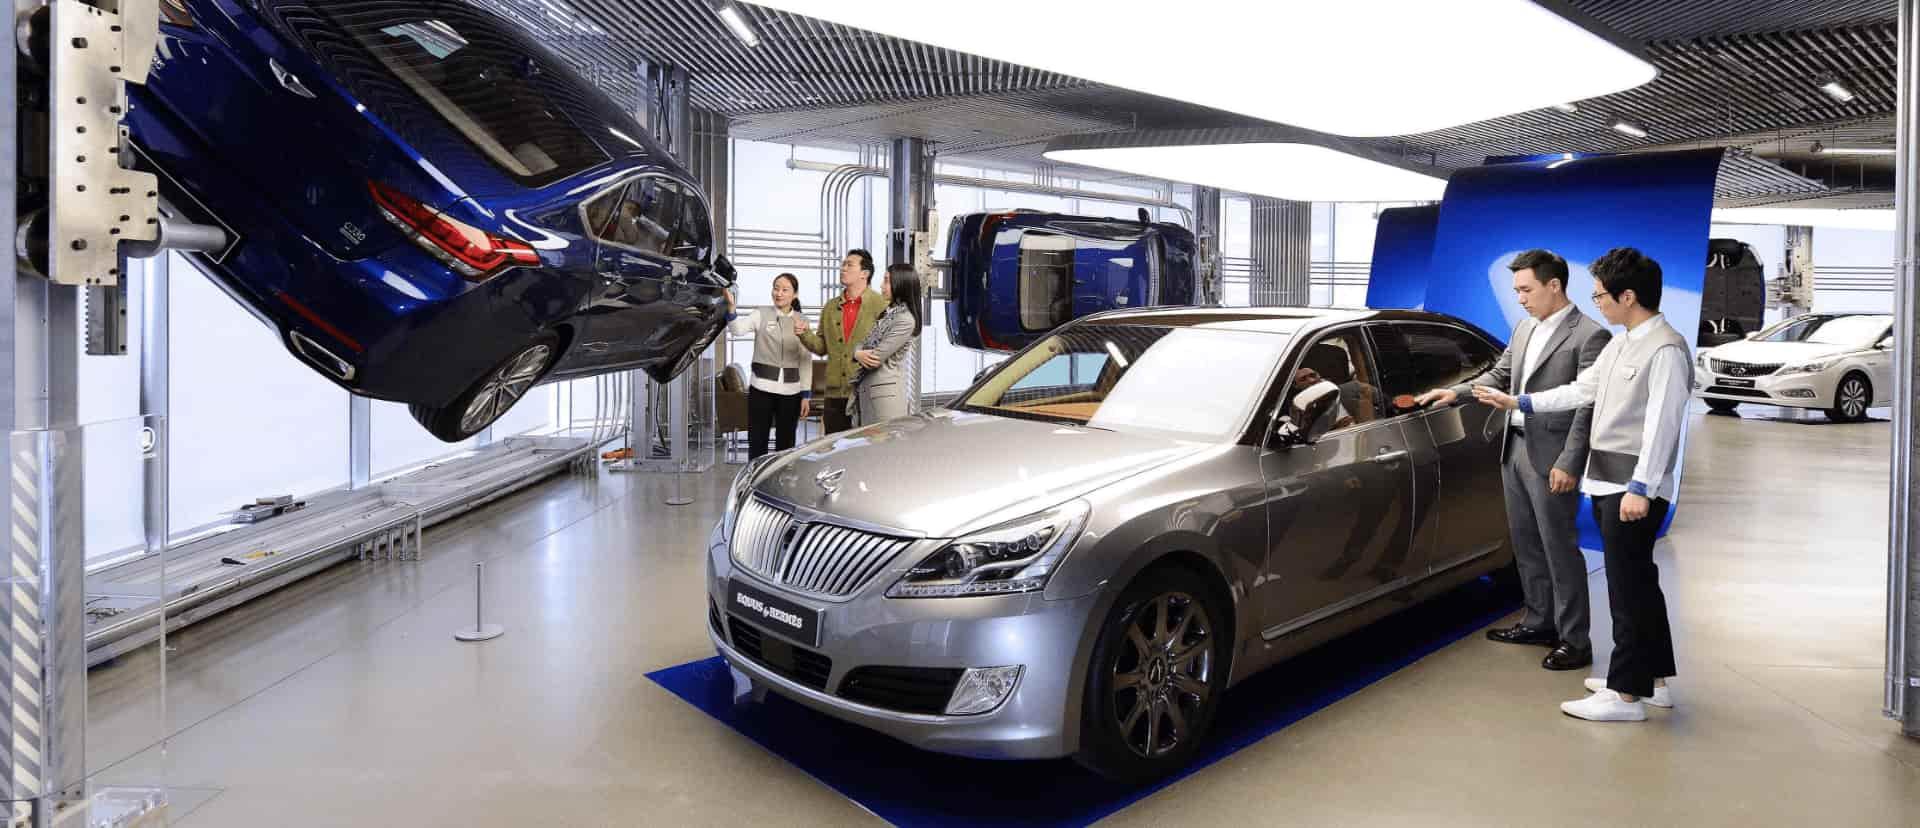 hyundai-motor-studio-retail-experience-by-engine